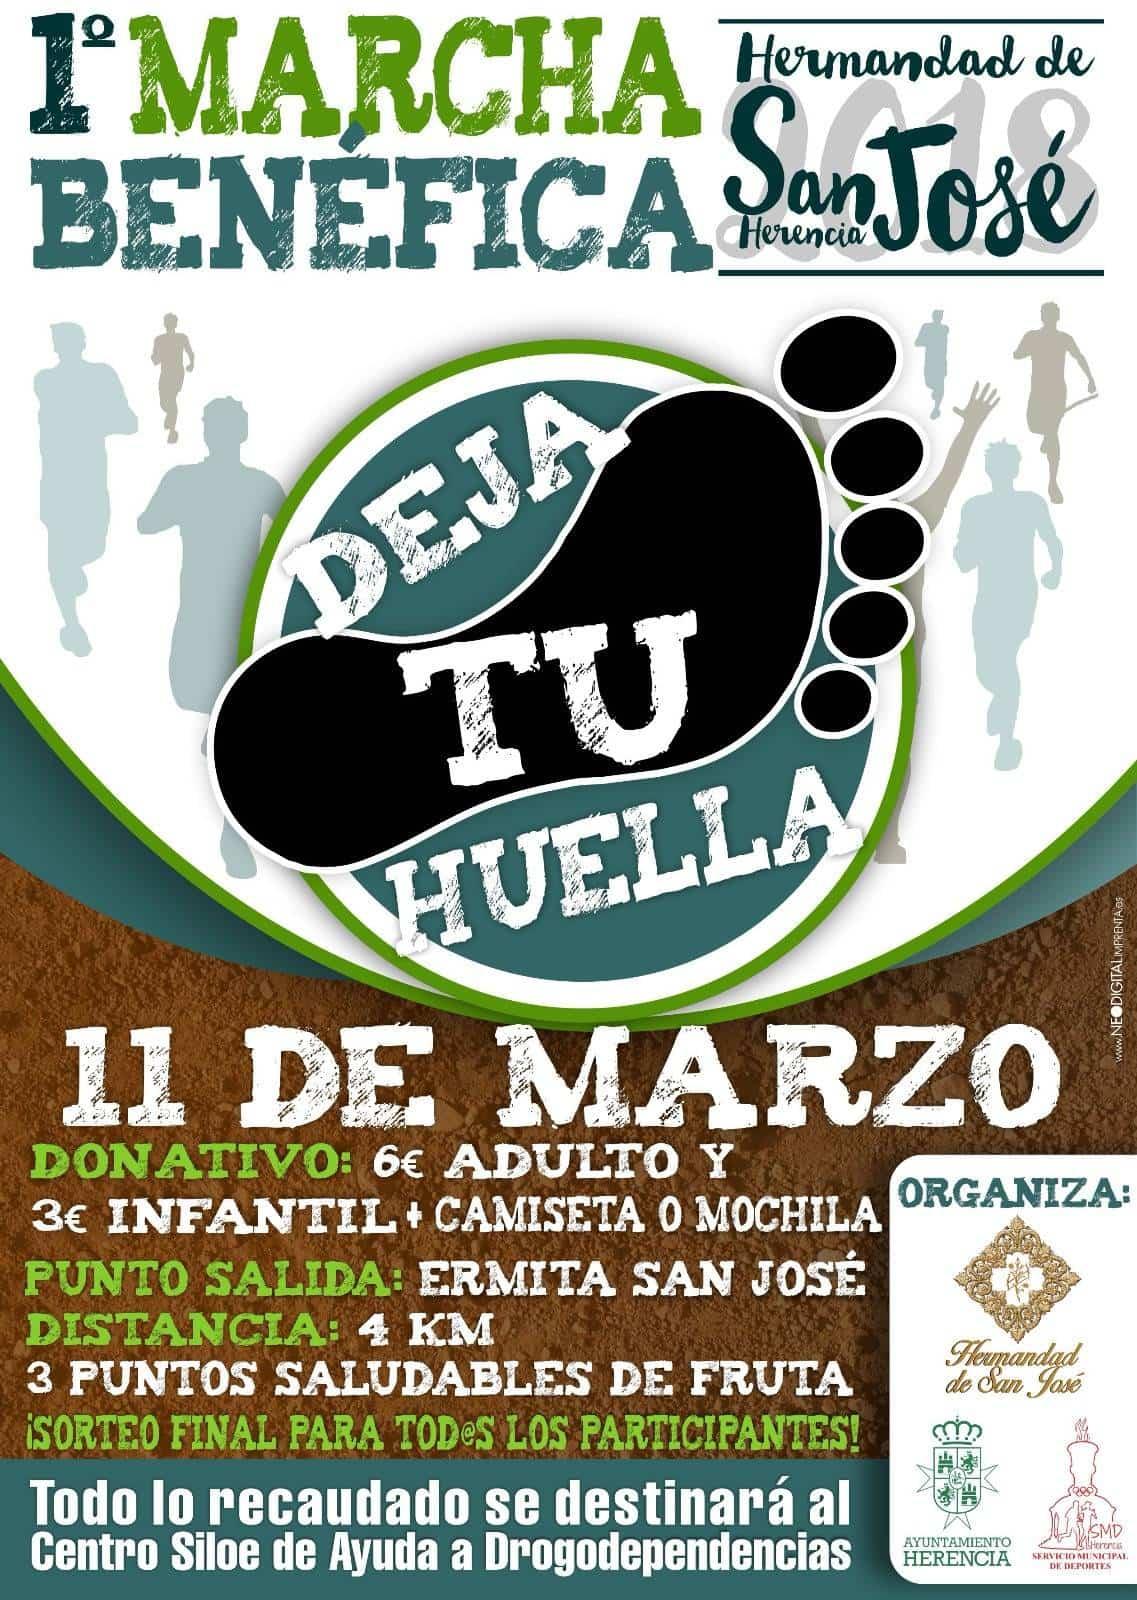 marcha benefica san jose herencia - Dos eventos deportivos marcan la agenda del fin de semana en el municipio